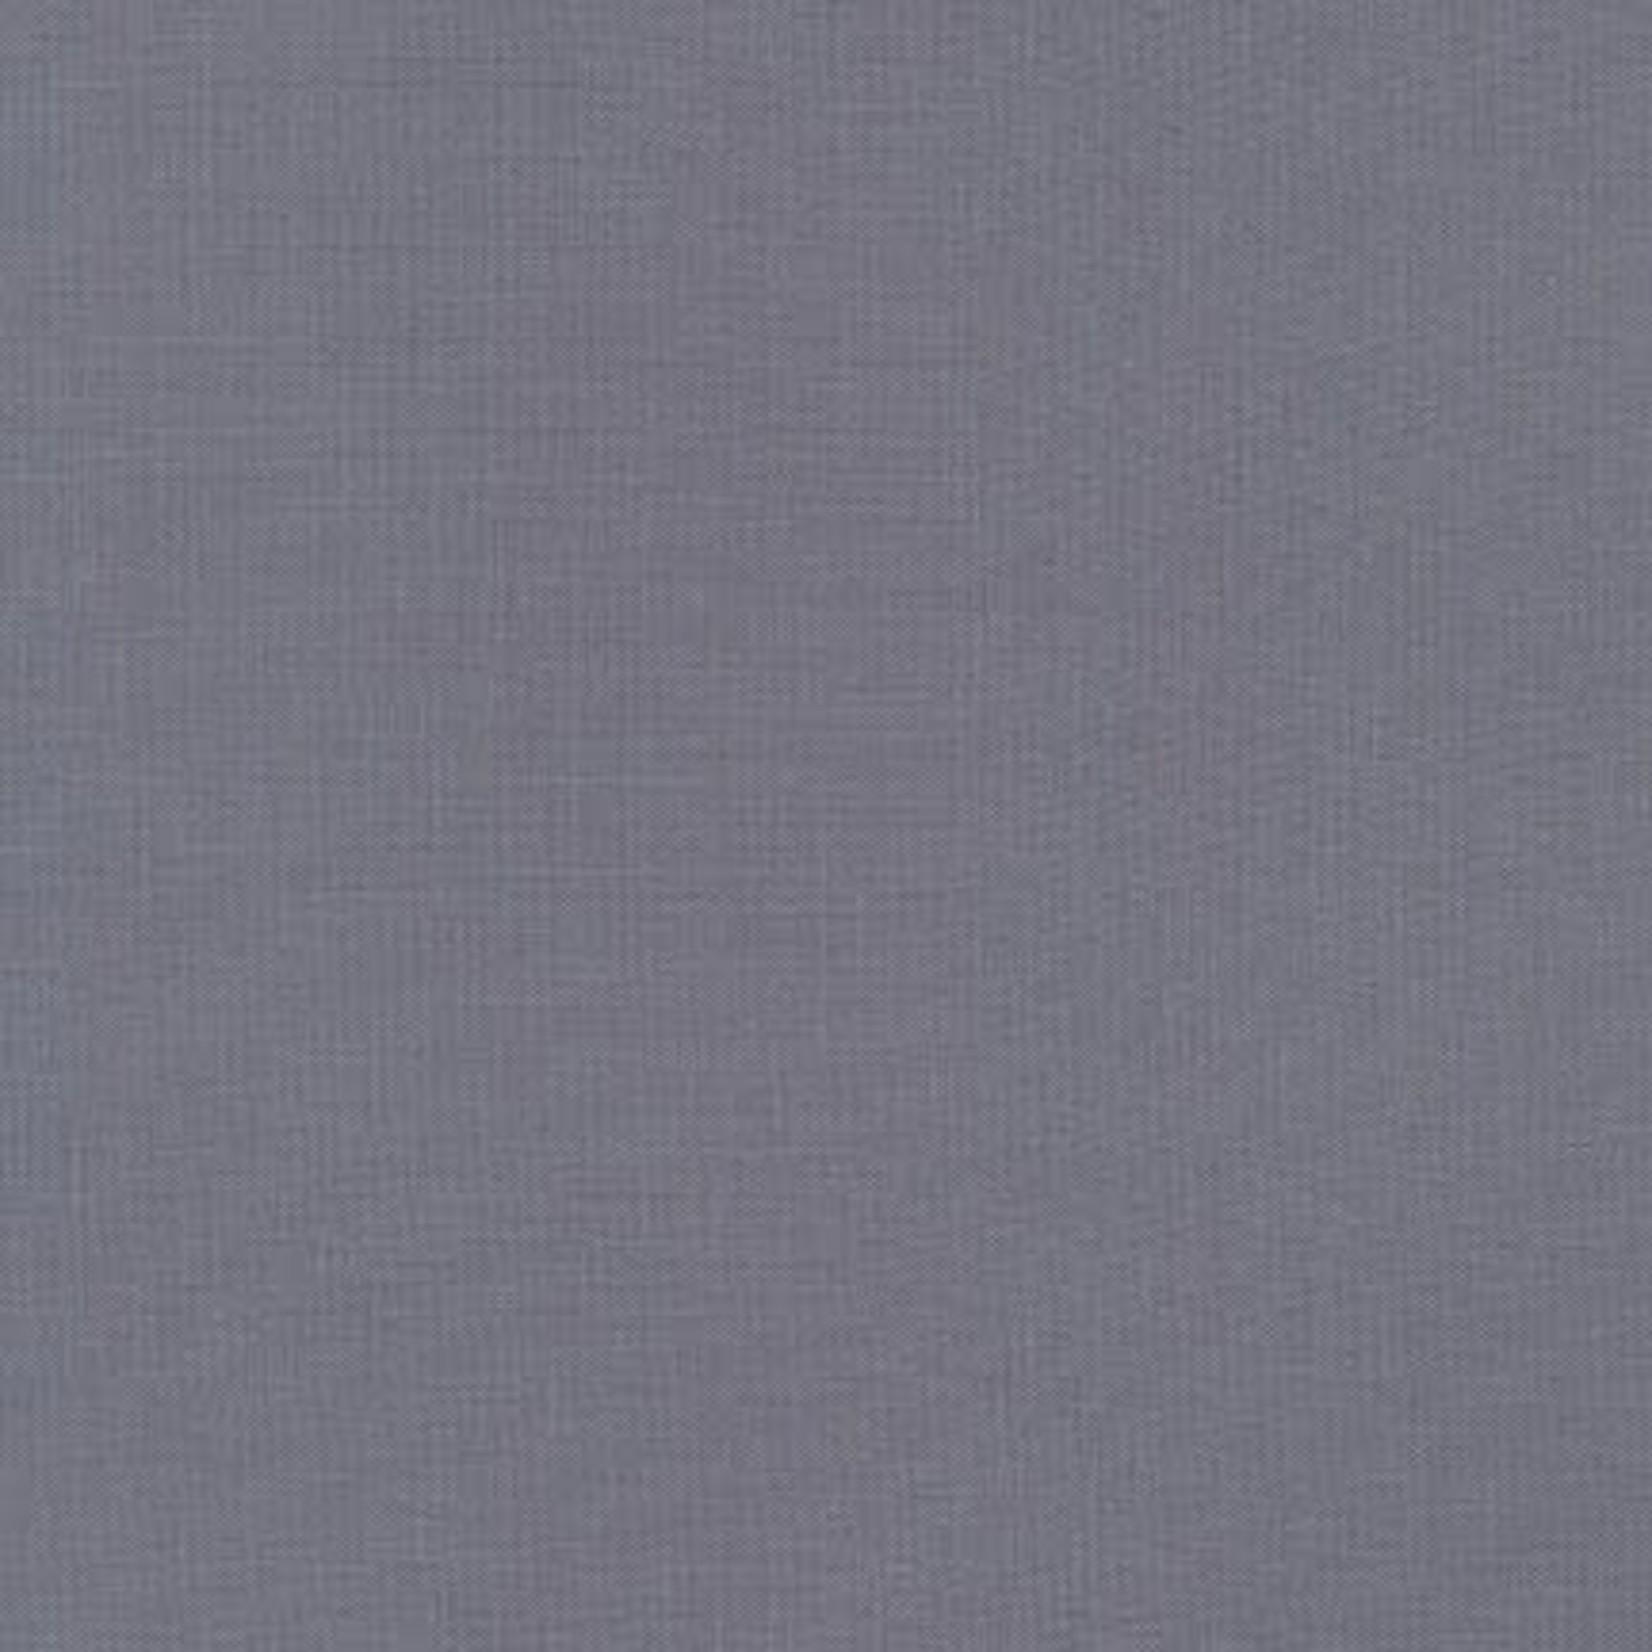 Kona KONA  K001-1223 MED. GREY, PER CM OR $14/M